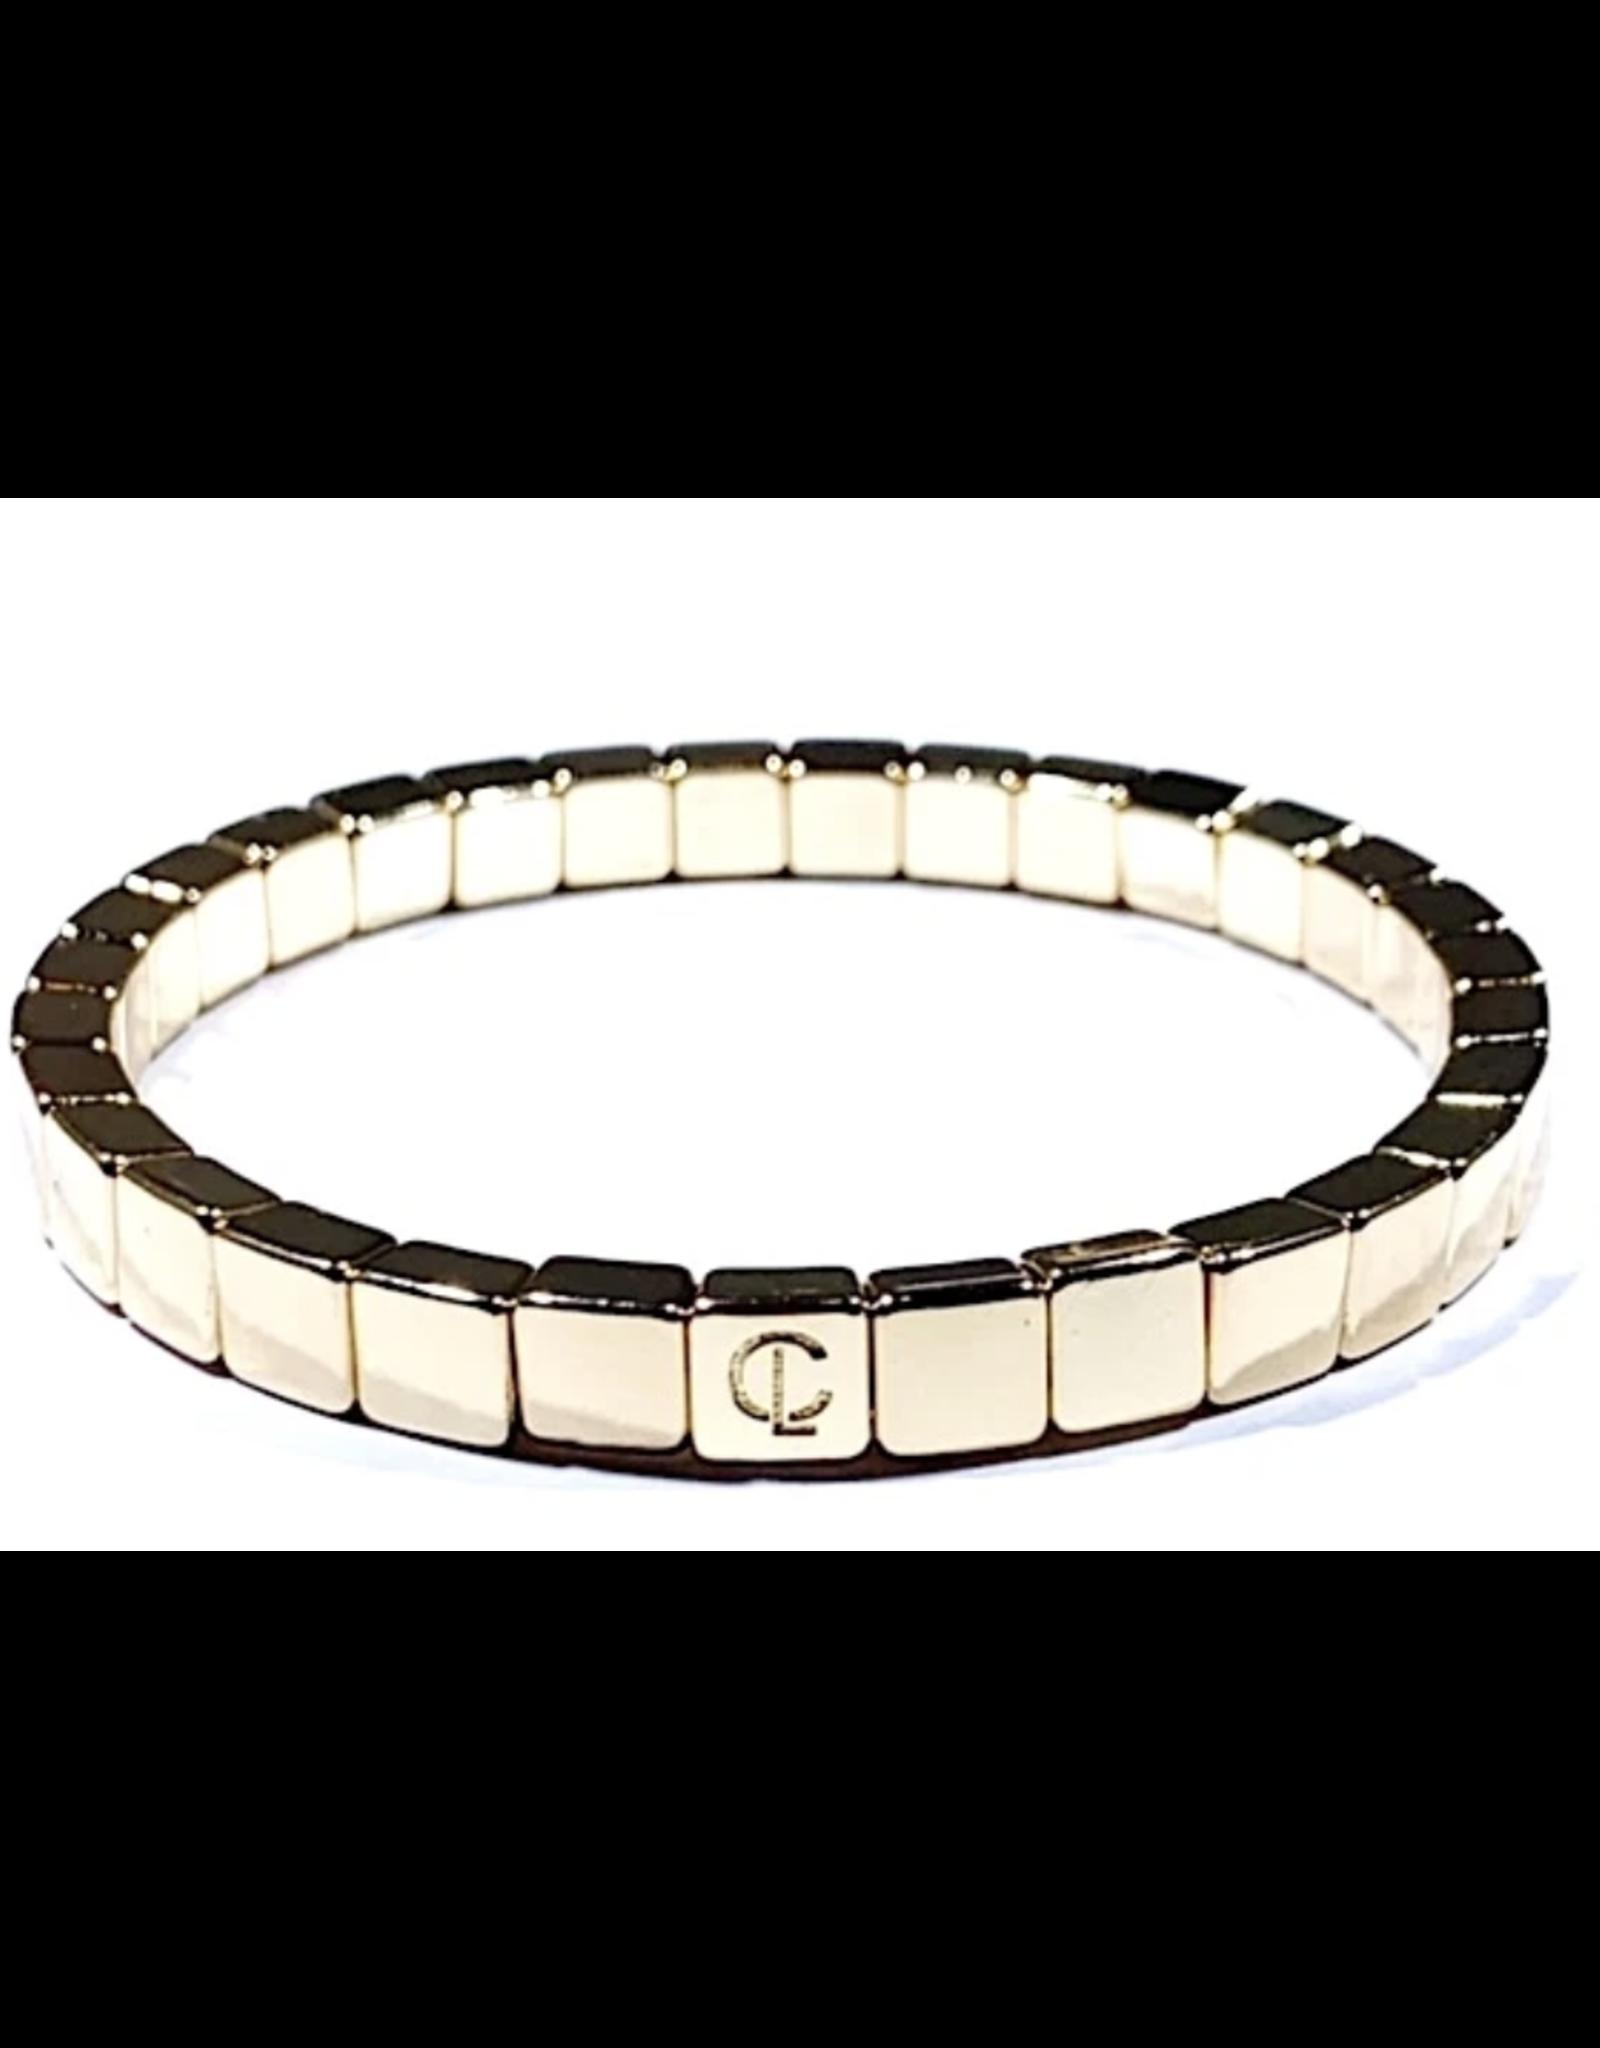 Caryn lawn Small Tile Bracelets